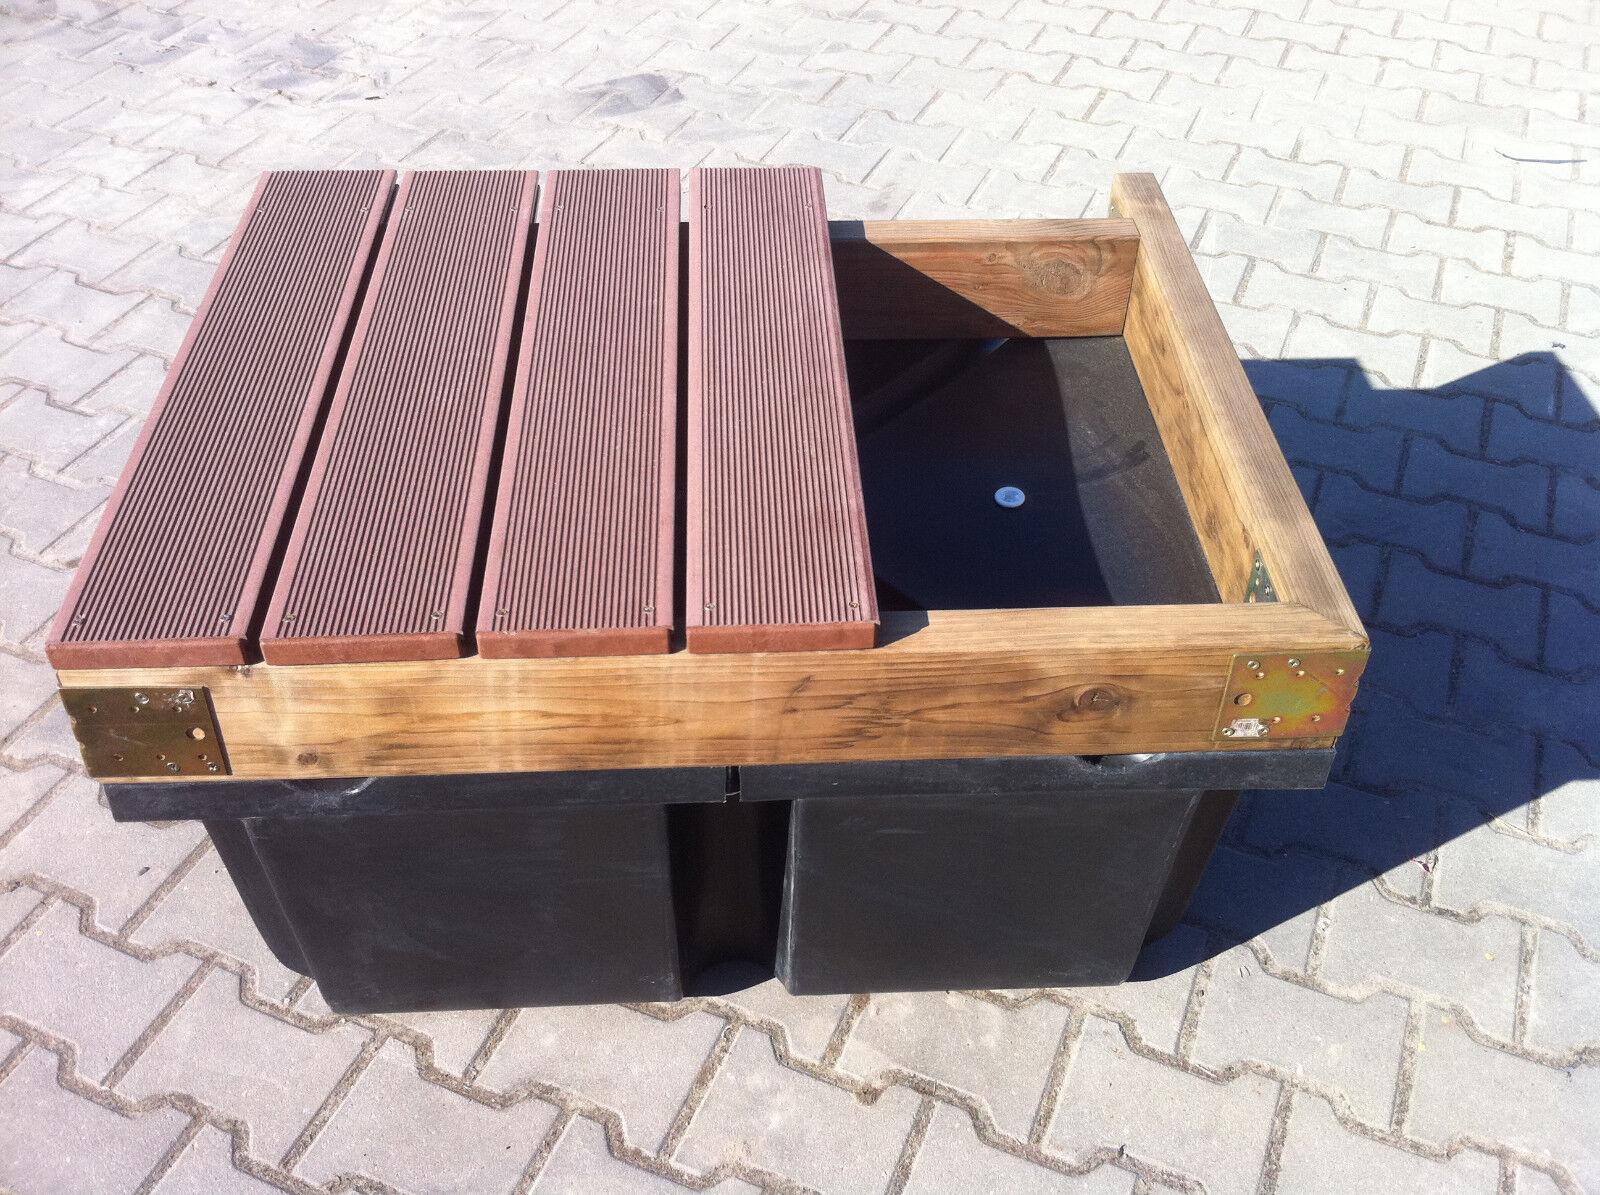 Ponton, Schwimmkörper, Schwimmplattform, 100x50x42 cm, 15 Kg, Verdrängung 200 Kg Kg 200 89956e